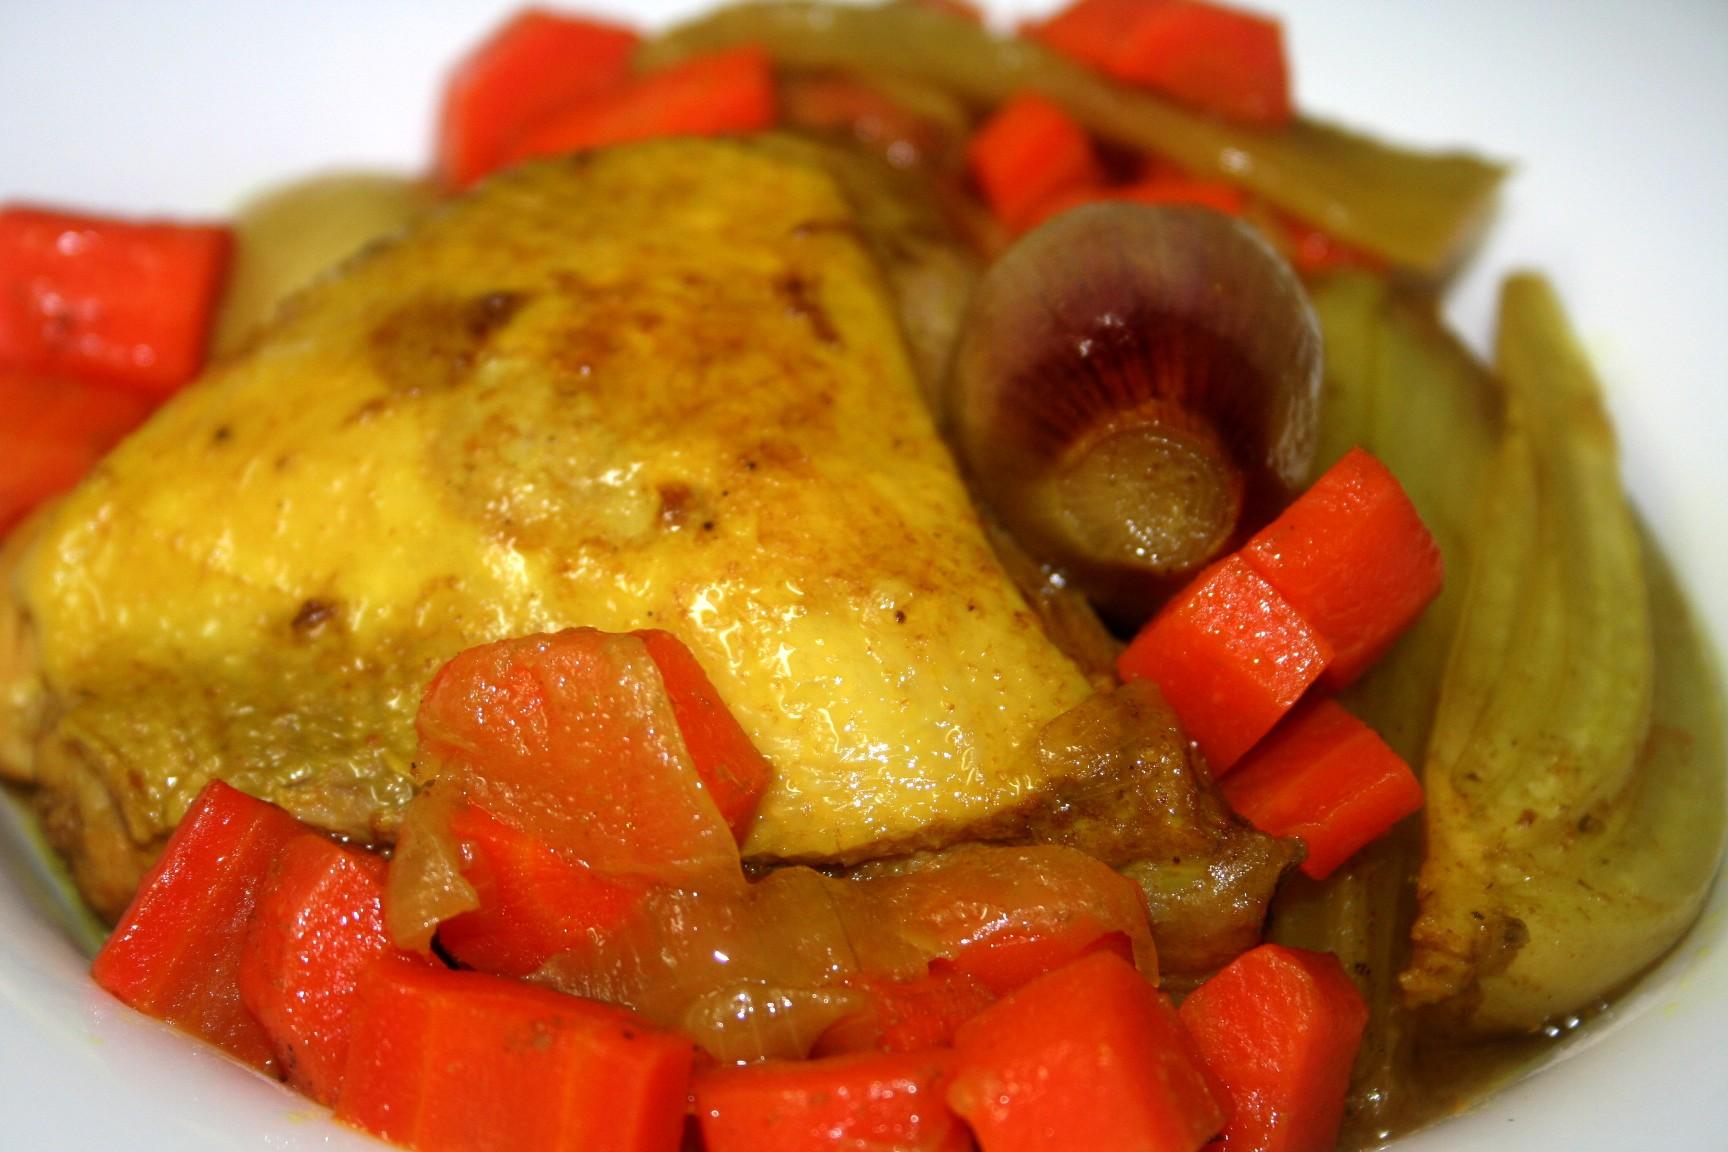 תבשיל עוף עם גזר שומר ושאלוט